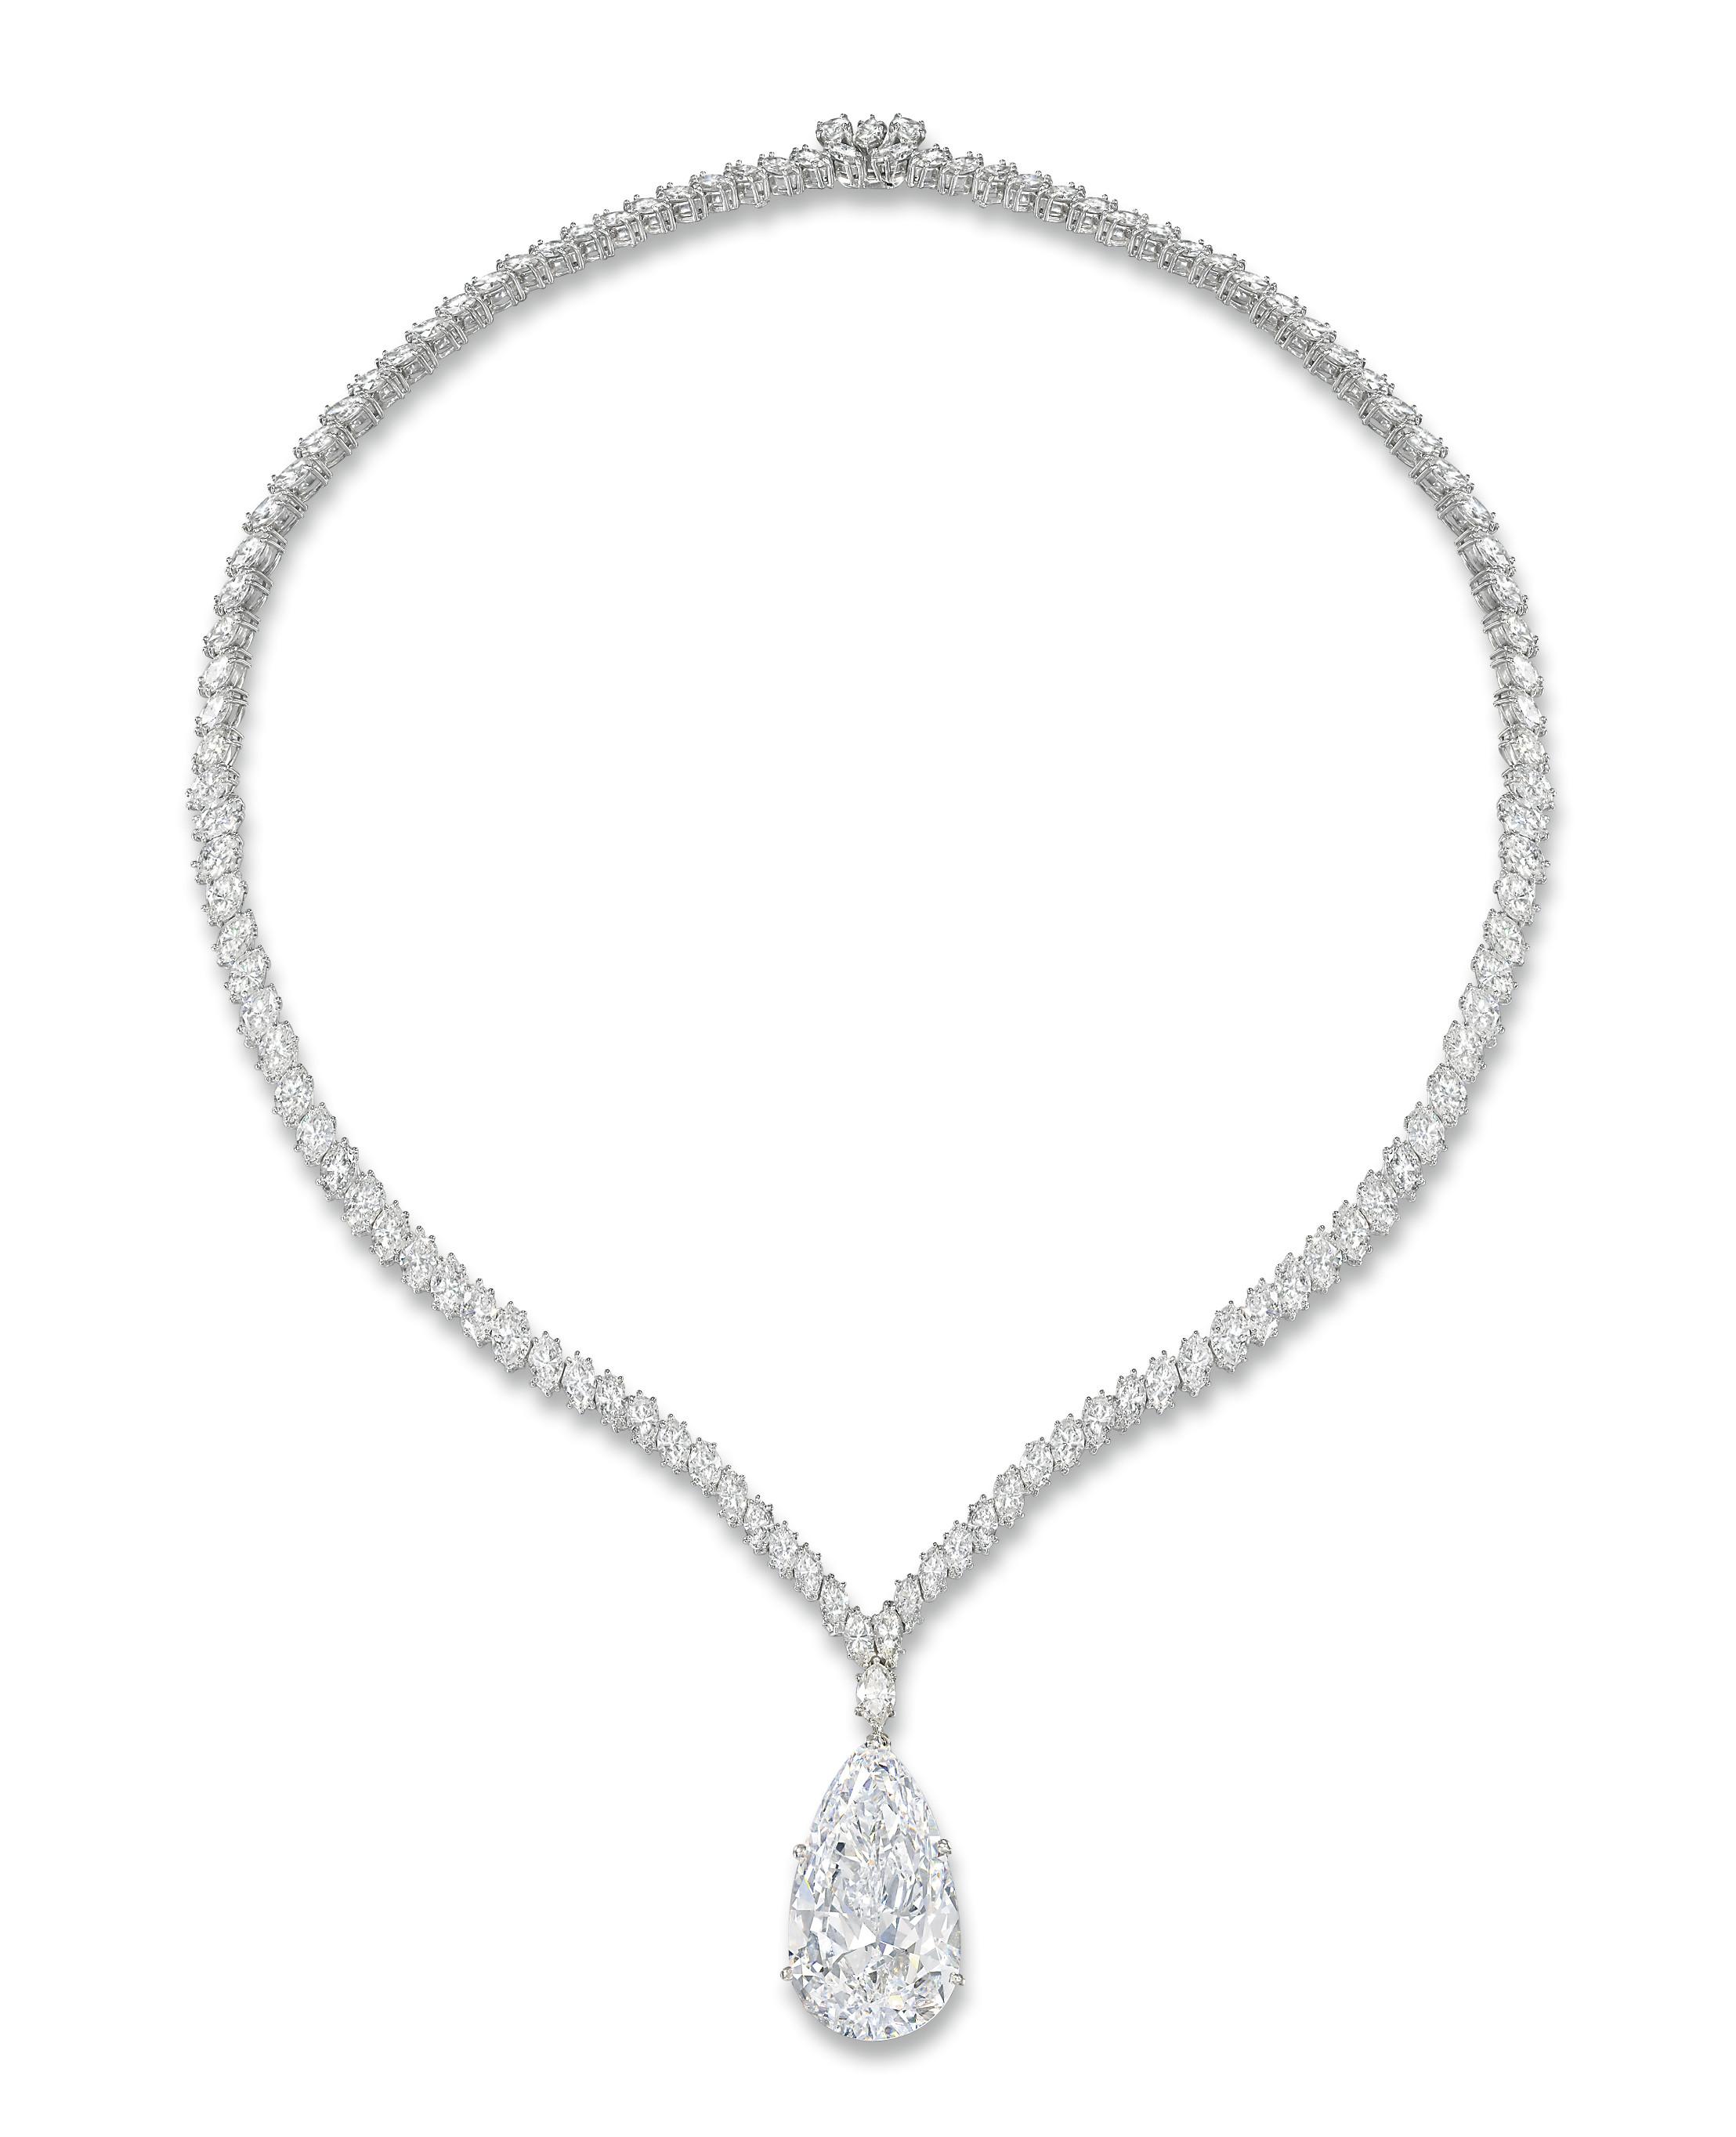 A VERY IMPORTANT DIAMOND NECKL